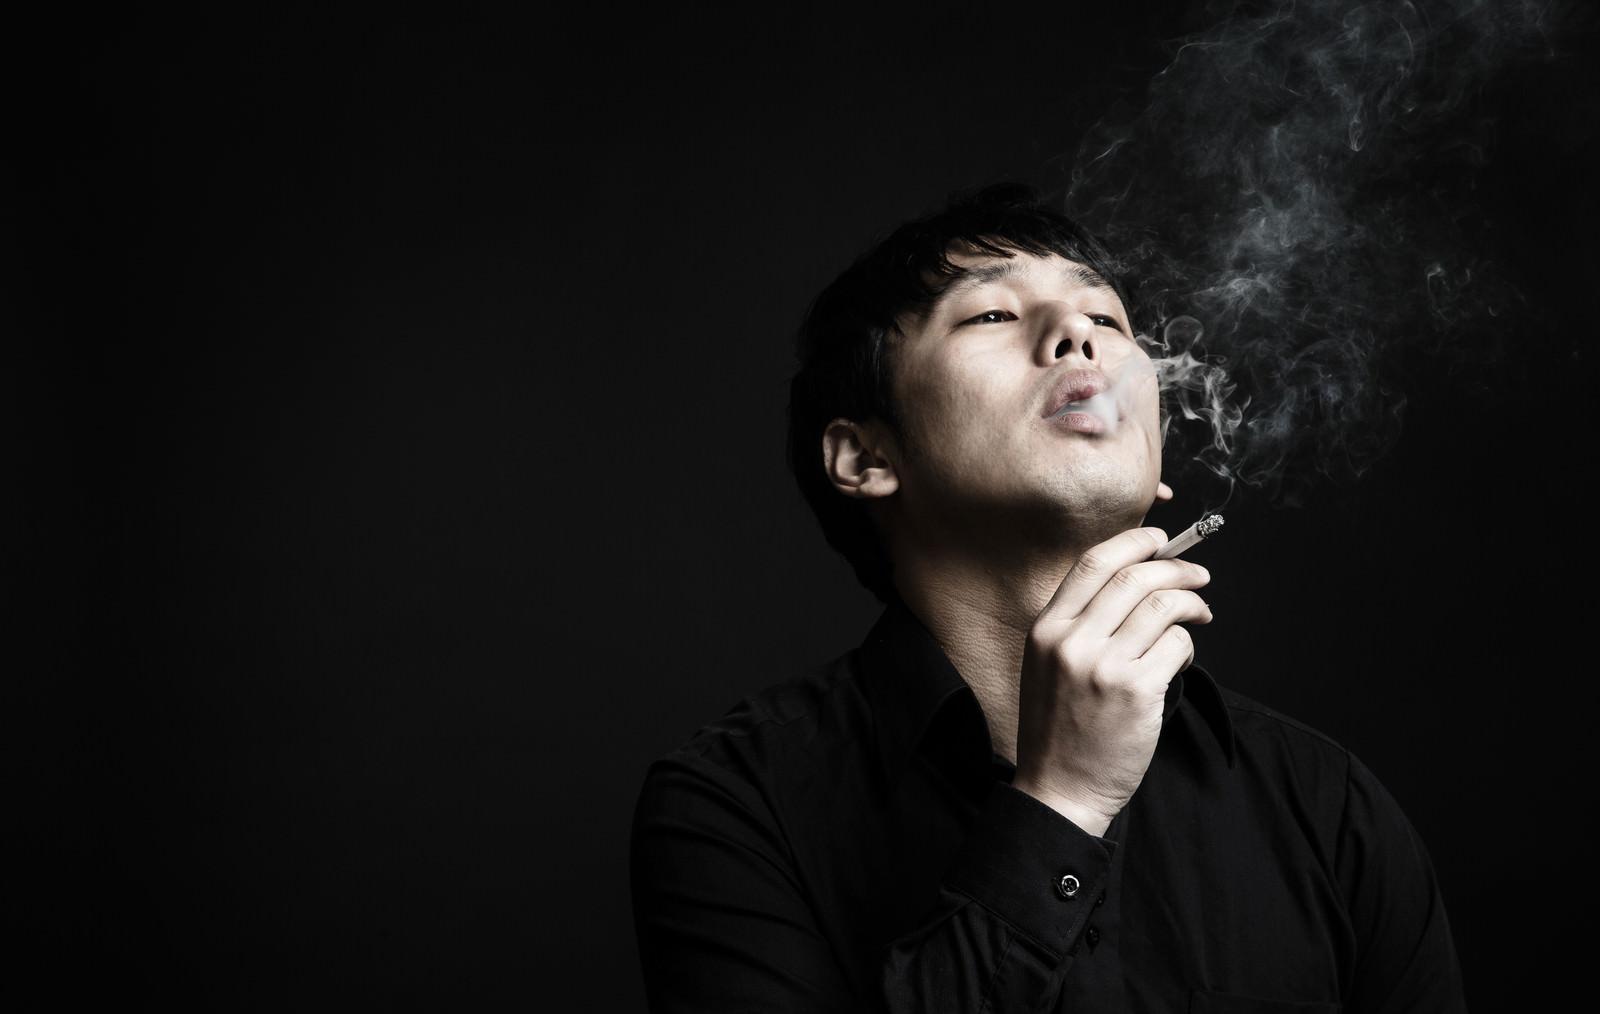 「マナーの悪い喫煙者」の写真[モデル:大川竜弥]